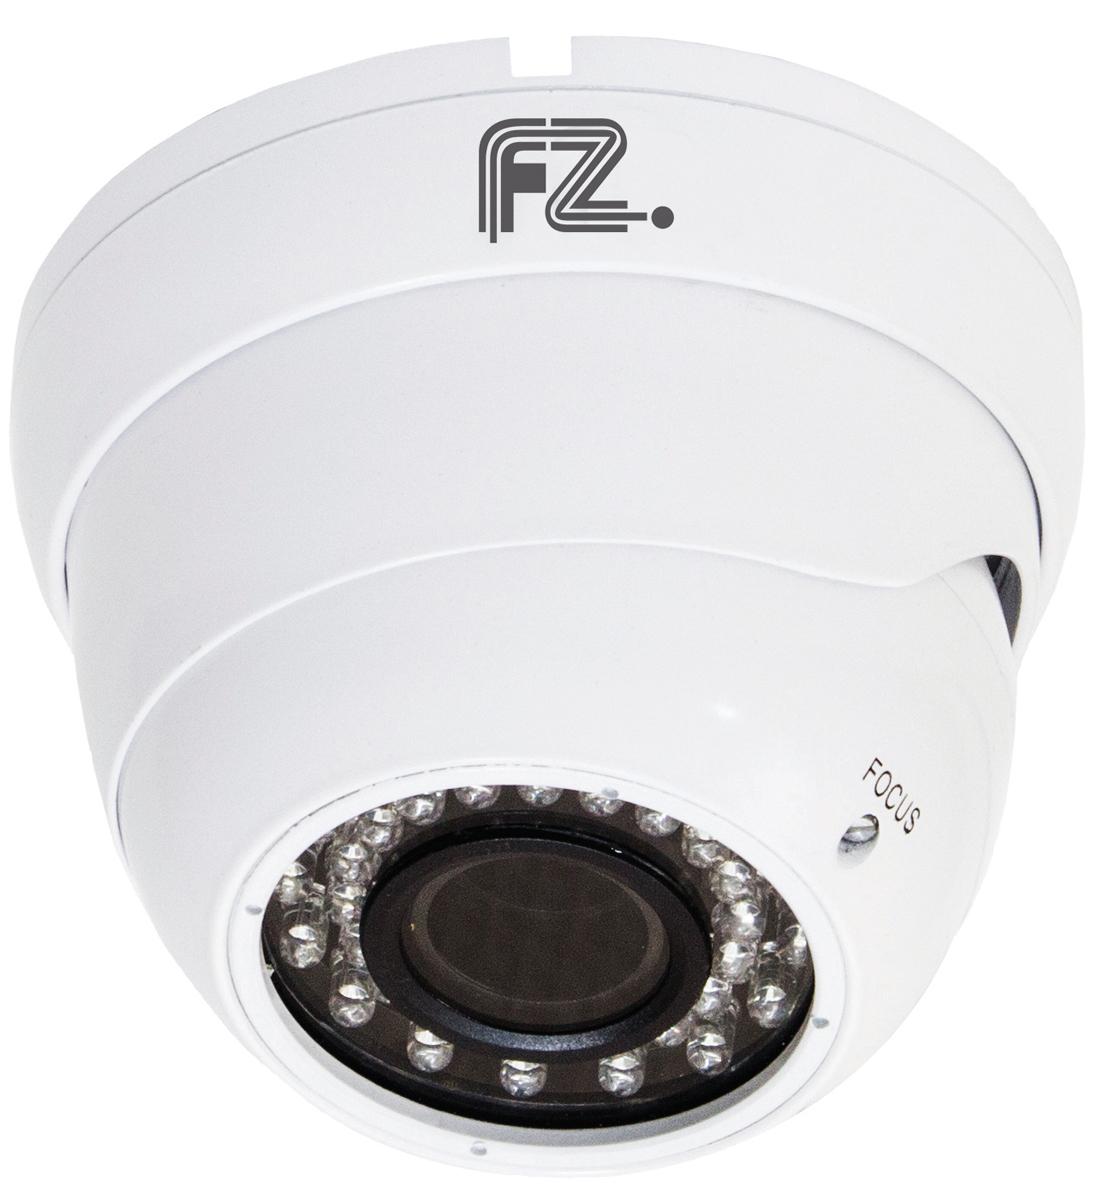 Fazera zIPCam-DVIR36-720 камера видеонаблюденияzIPCam-DVIR36-720IP Видеокамера купольная уличная с ИК подсветкой c разрешением 720p и вариофокальным объективом 2.8-12мм